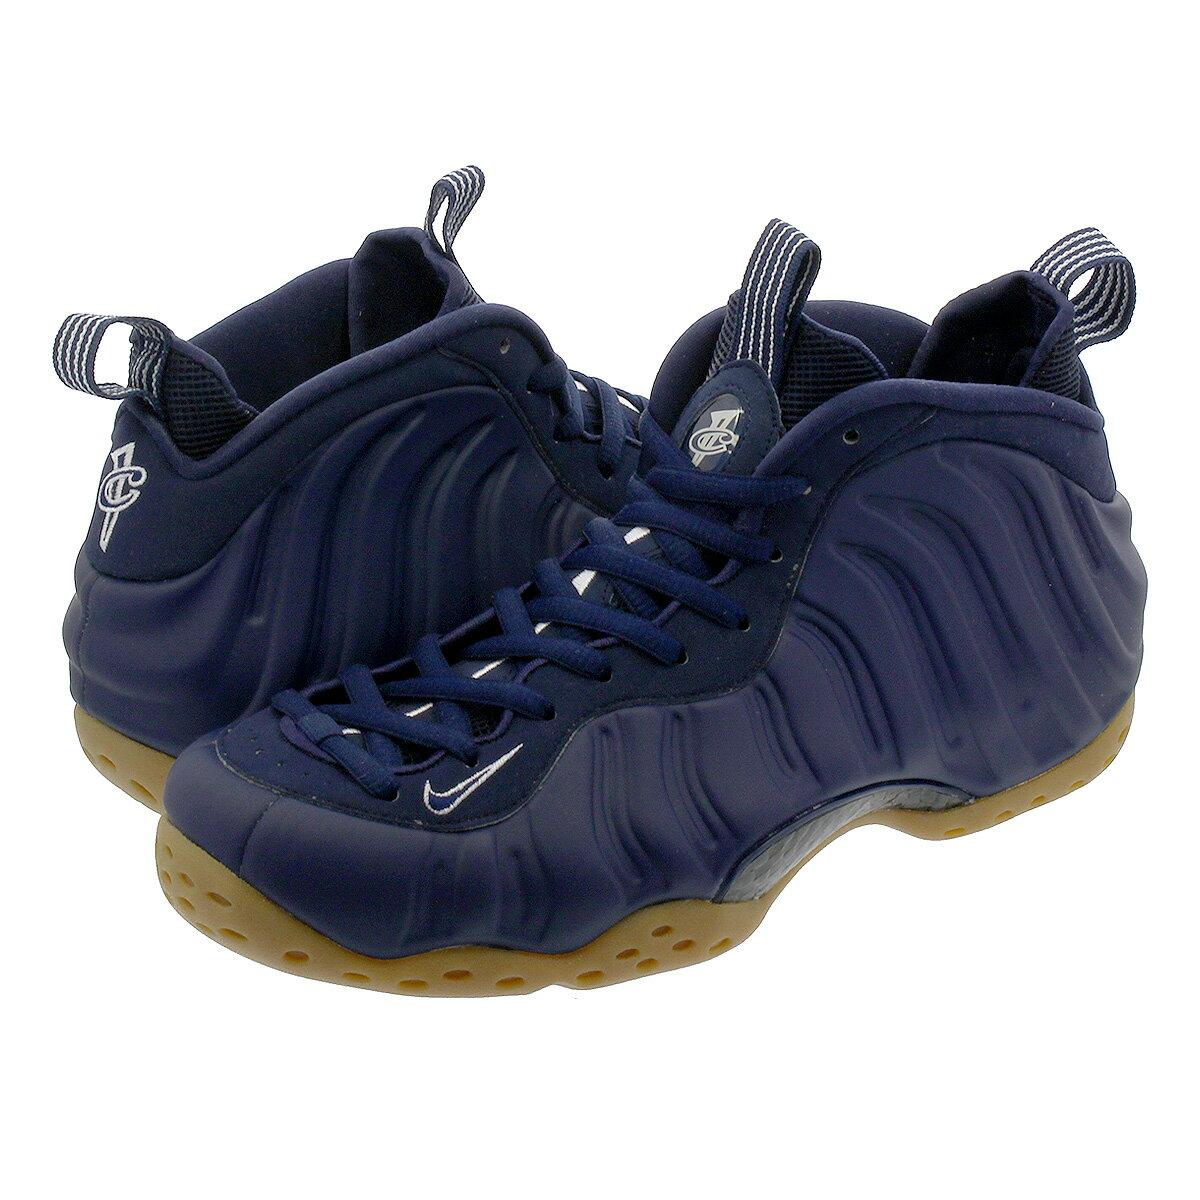 メンズ靴, スニーカー  NIKE AIR FOAMPOSITE ONE MIDNIGHT NAVYGUM LIGHT BROWN 314996-405